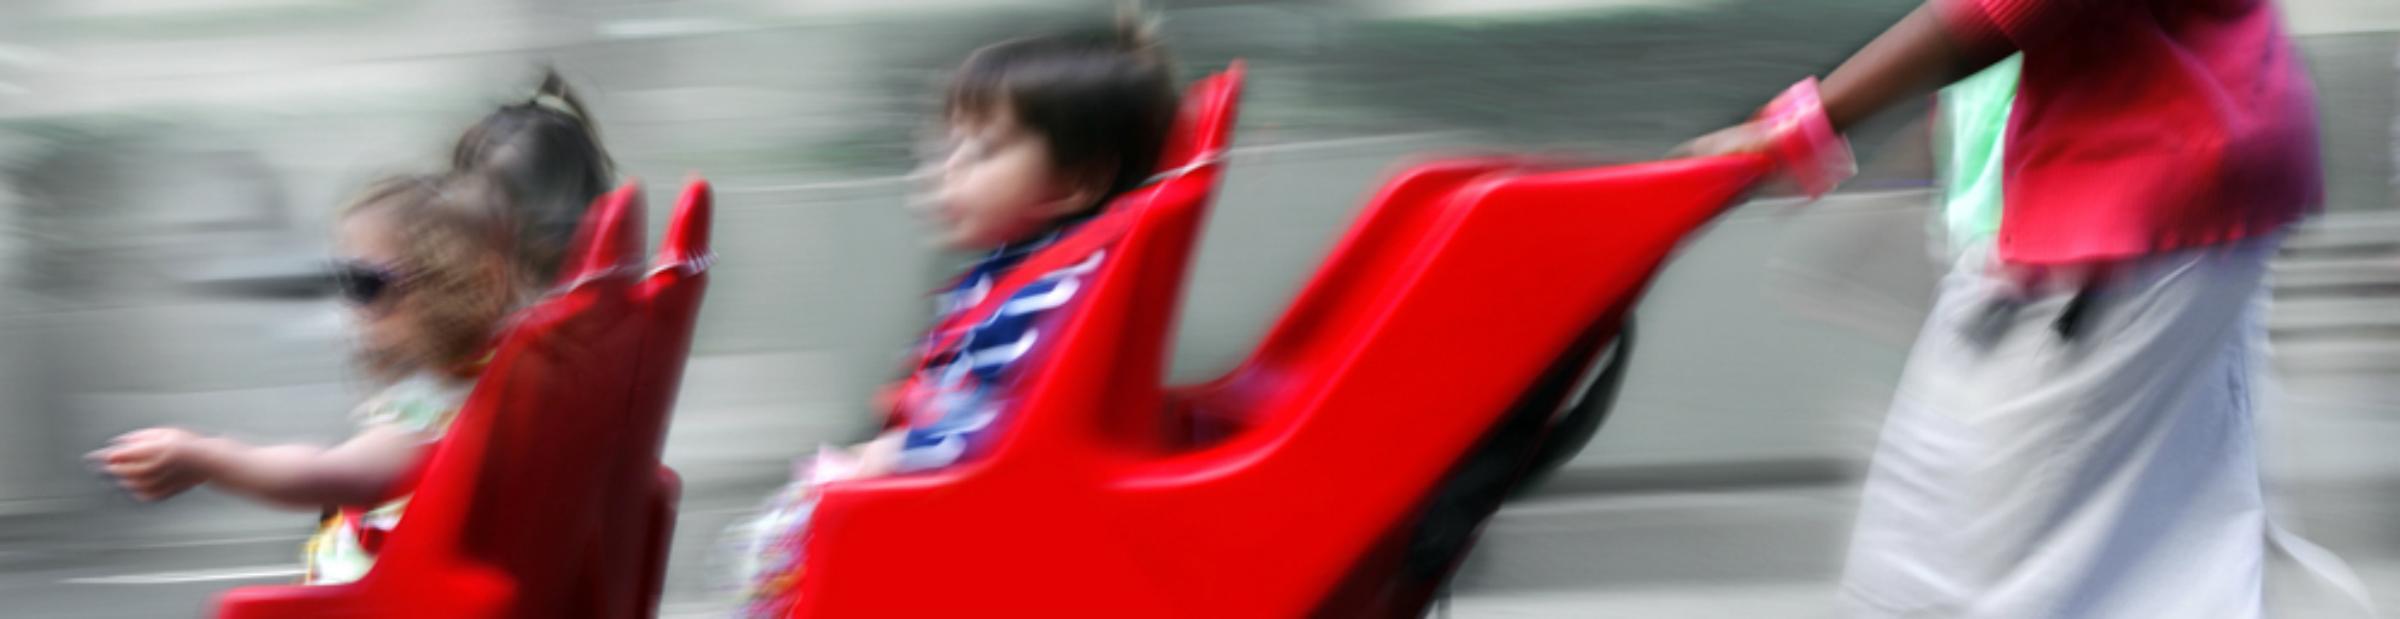 pram red1